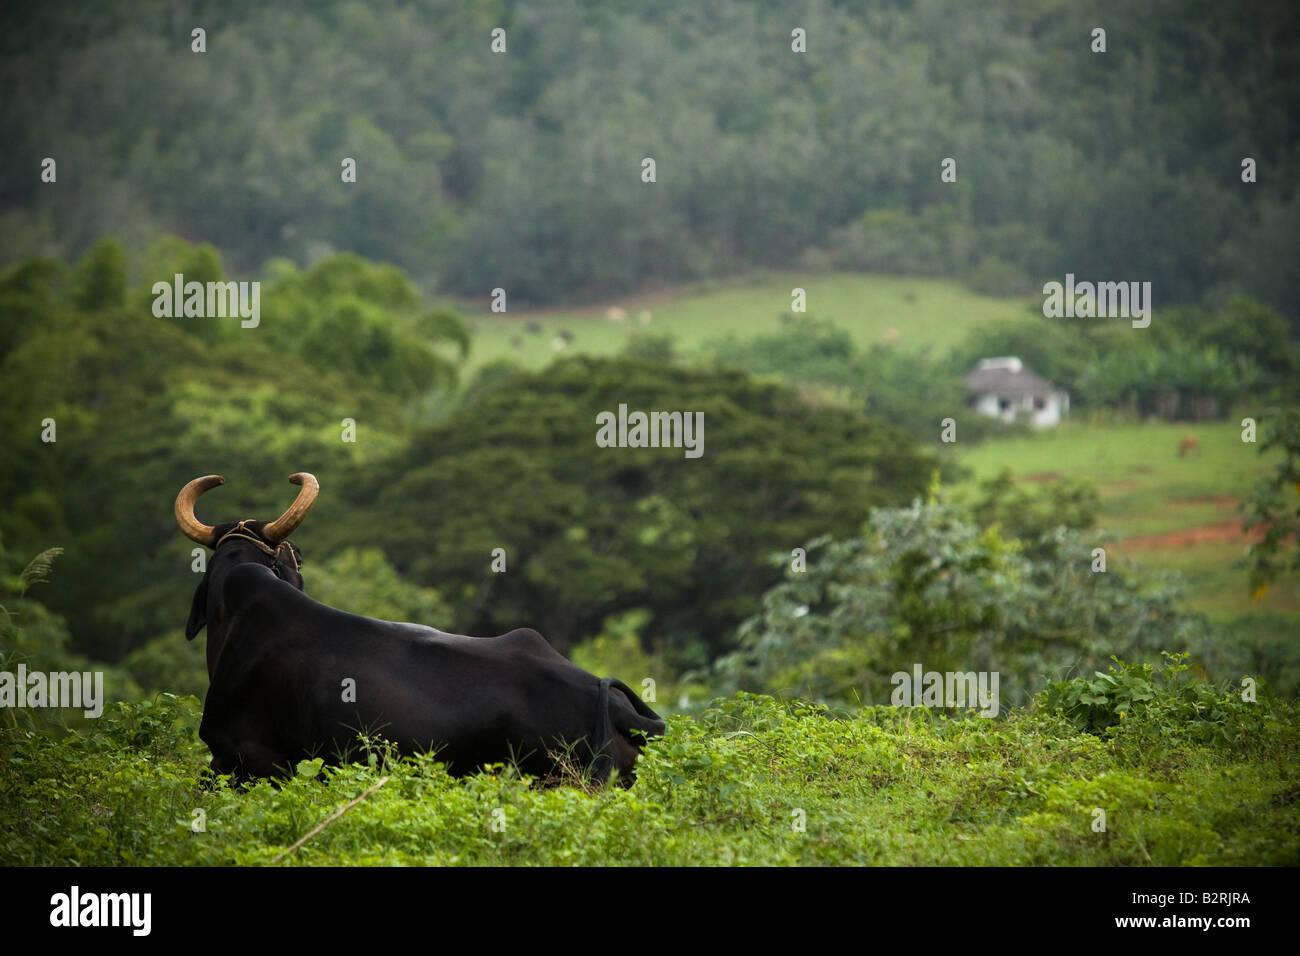 Bull lying in a field near Vinales, Cuba - Stock Image